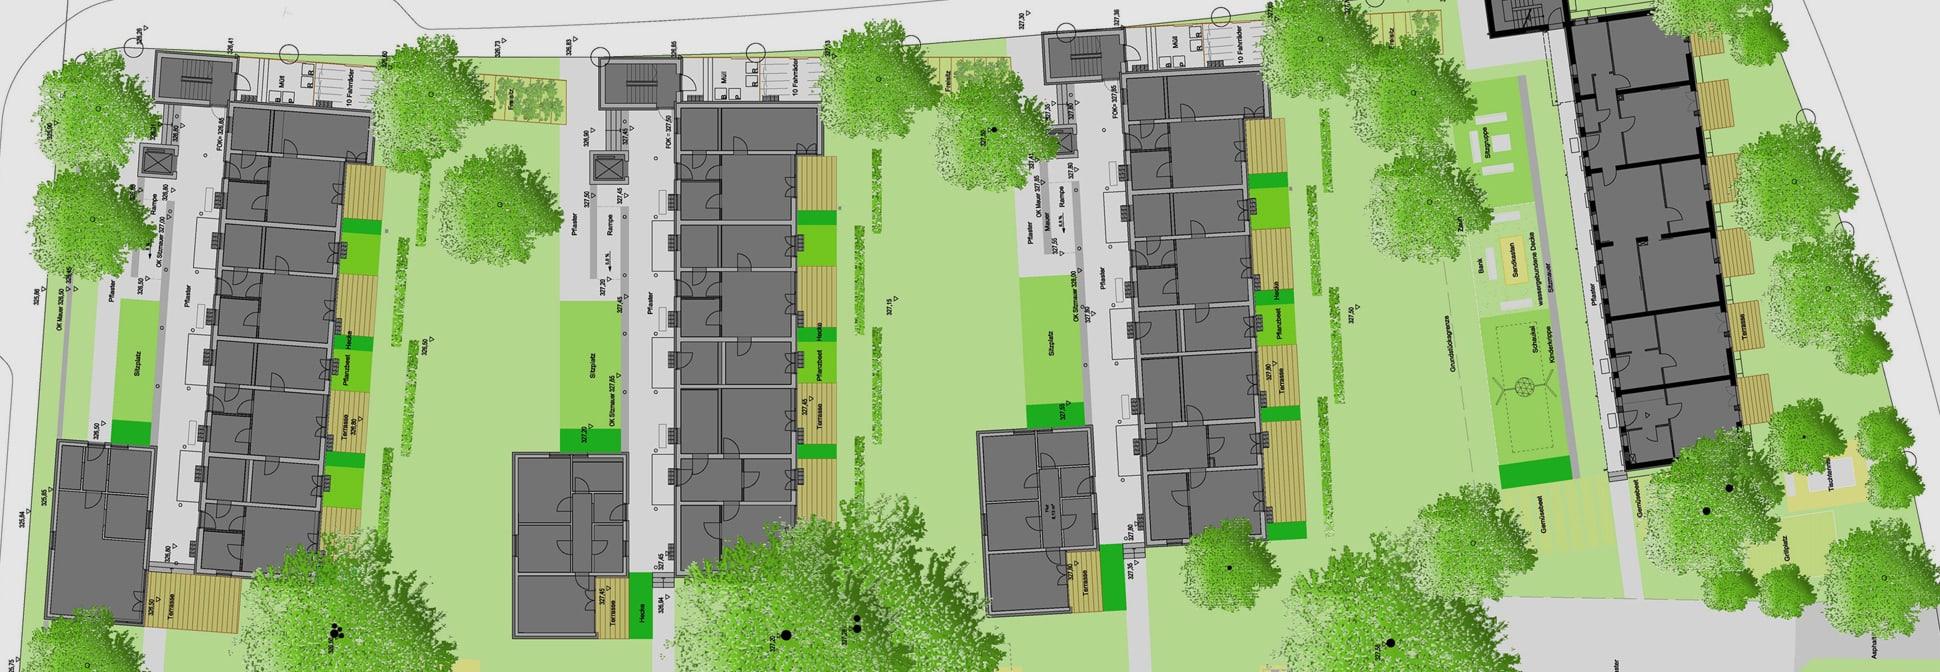 """Sozialer Wohnungsbau """"WAL"""", Dresdner Straße, Nürnberg - Lageplan"""